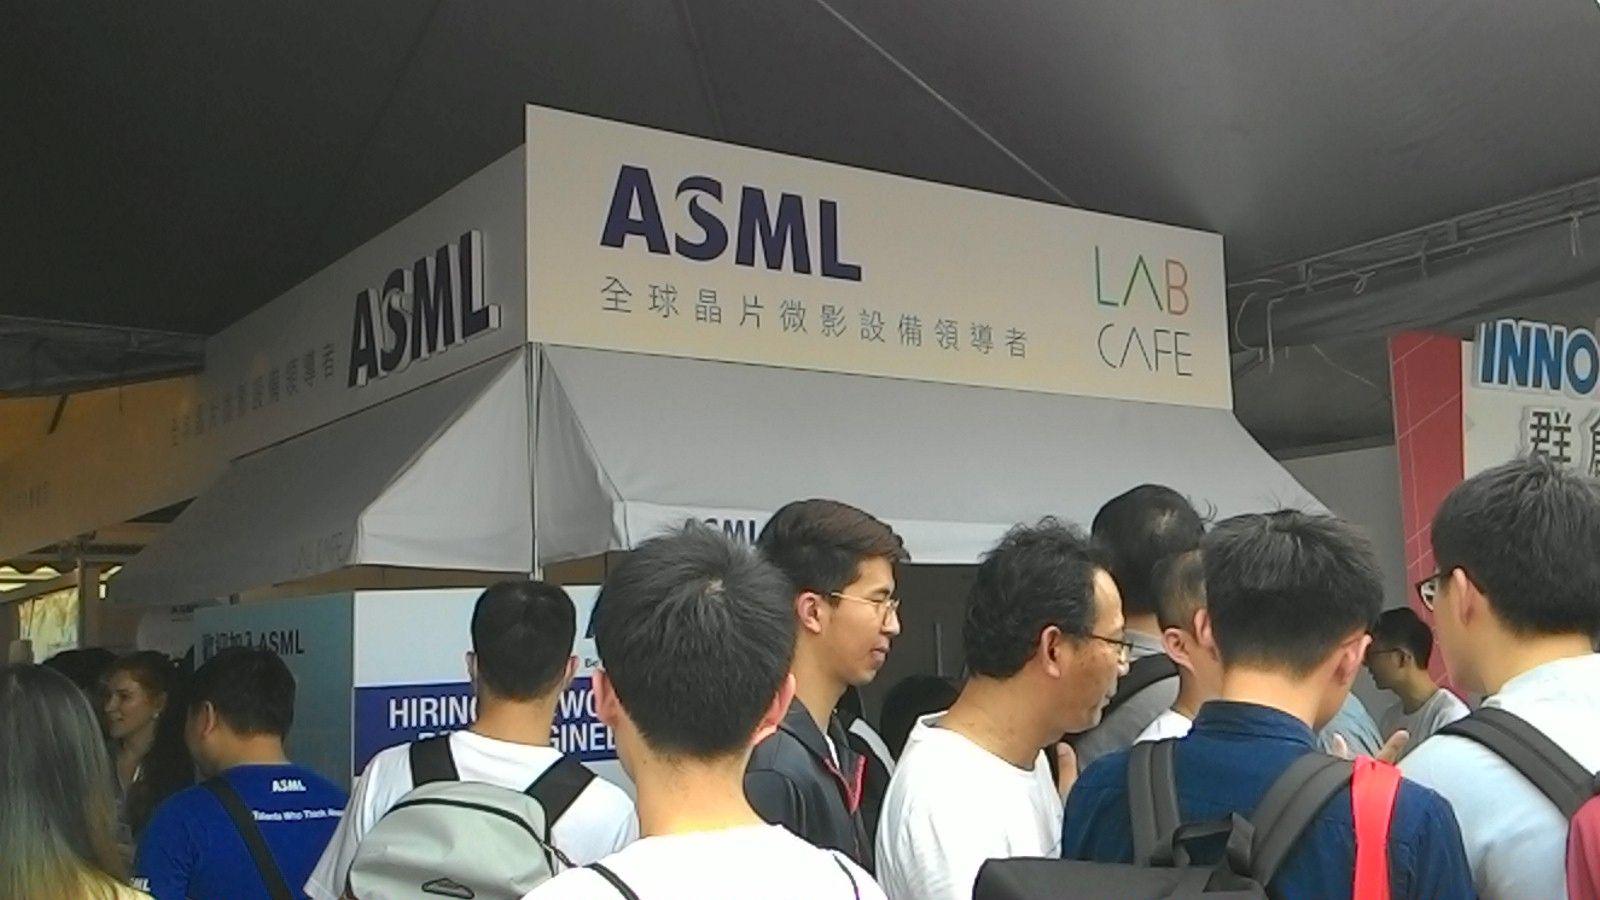 產經新聞-ASML大舉徵才600人  薪優假優於勞基法